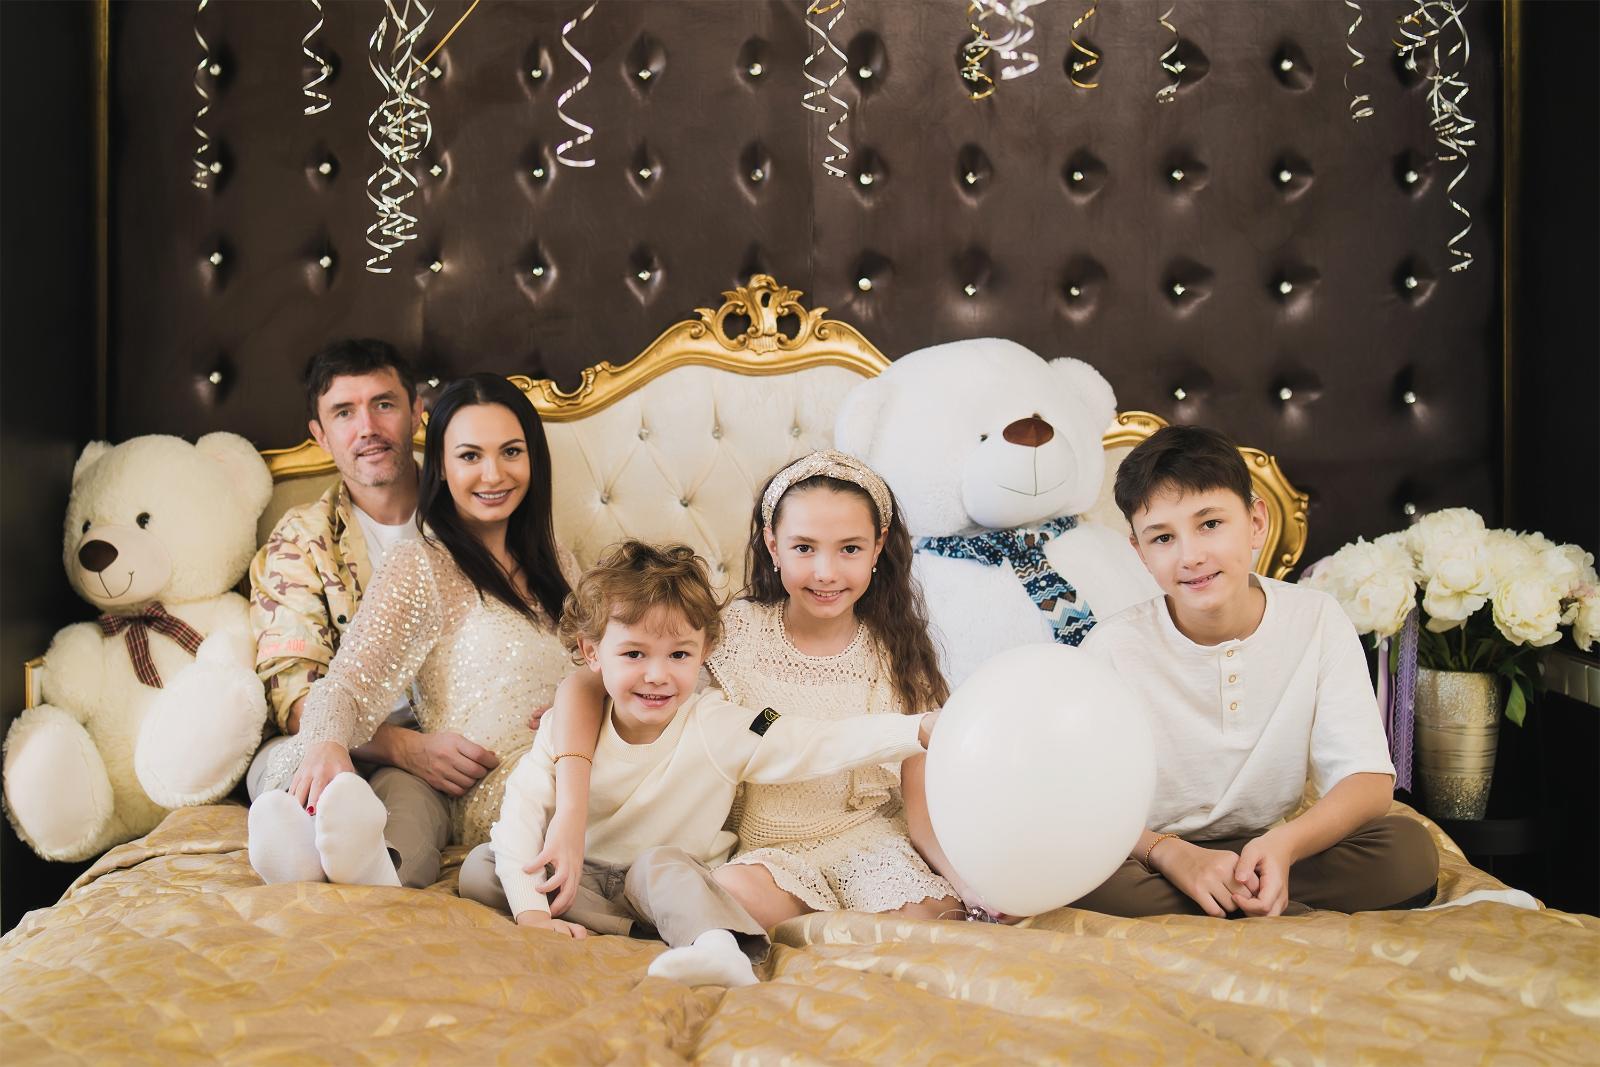 Инна Жиркова отметила день рождения на самоизоляции в кругу семьи: [i]«Я много лет не отмечала день рождения дома, все время что-то организовывала для друзей и, признаюсь, всегда очень нервничала в